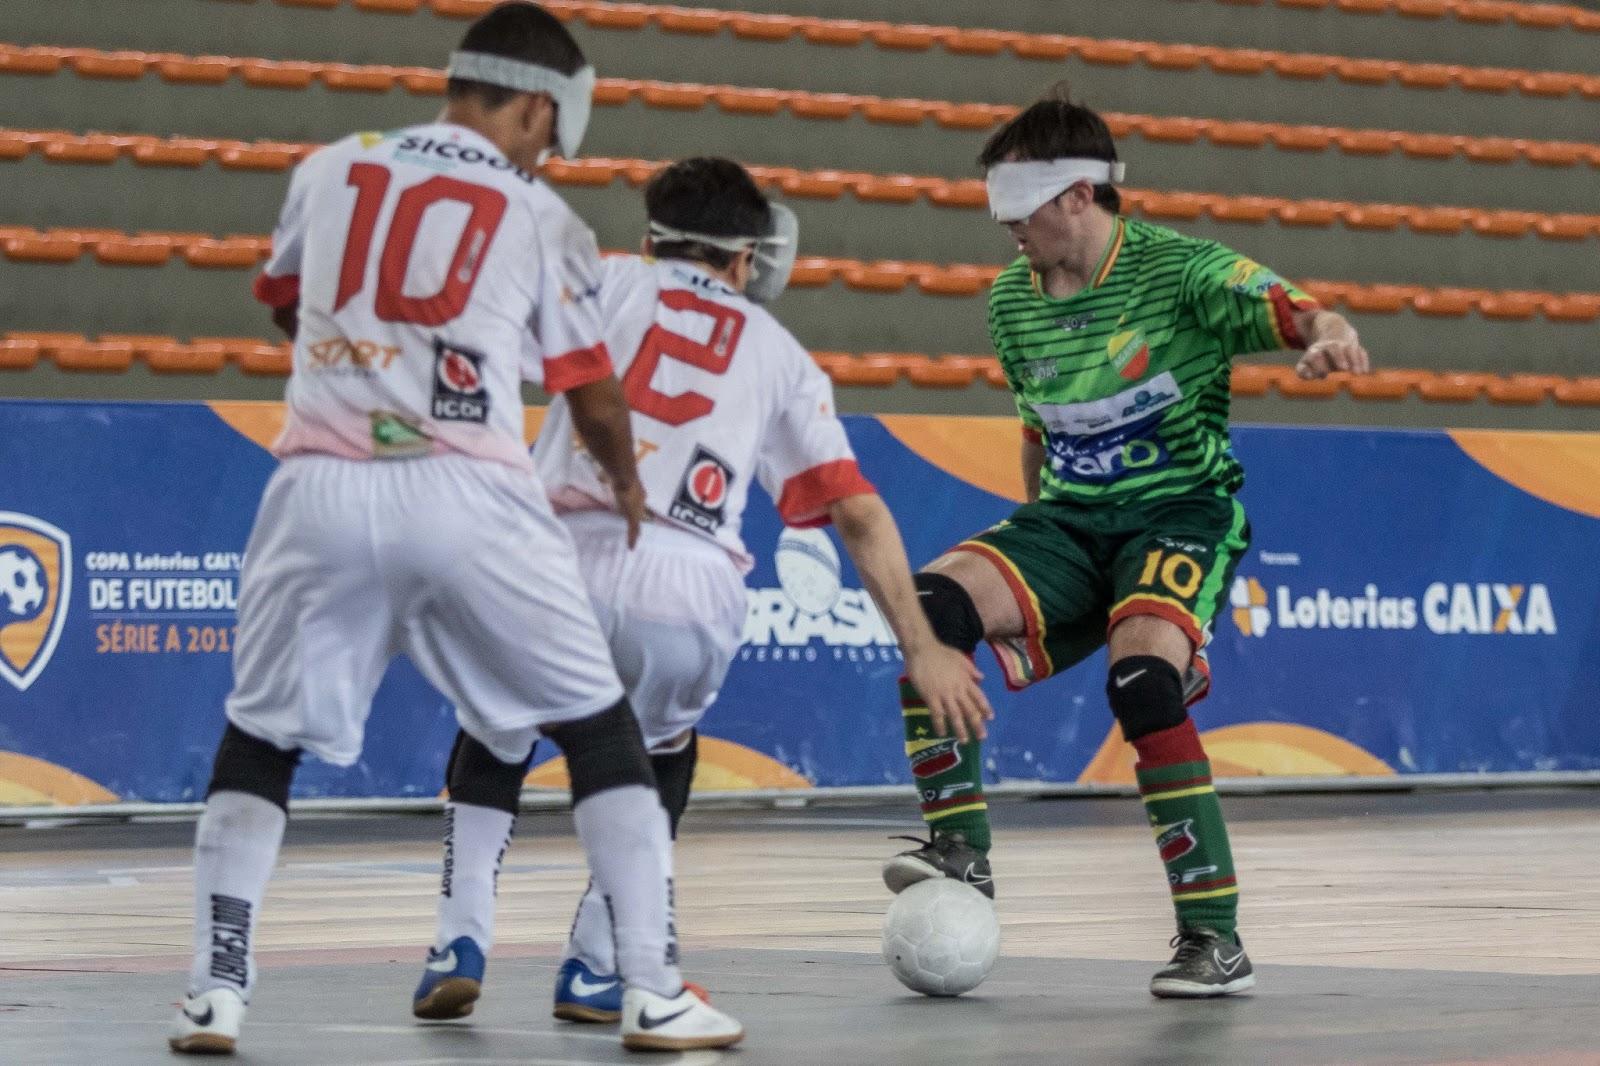 O futebol de 5 brasileiro se prepara para momentos inéditos em sua história  nos próximos dois dias. Por meio da parceria entre o Grupo Globo e o Comitê  ... 01e0bf86d23ee